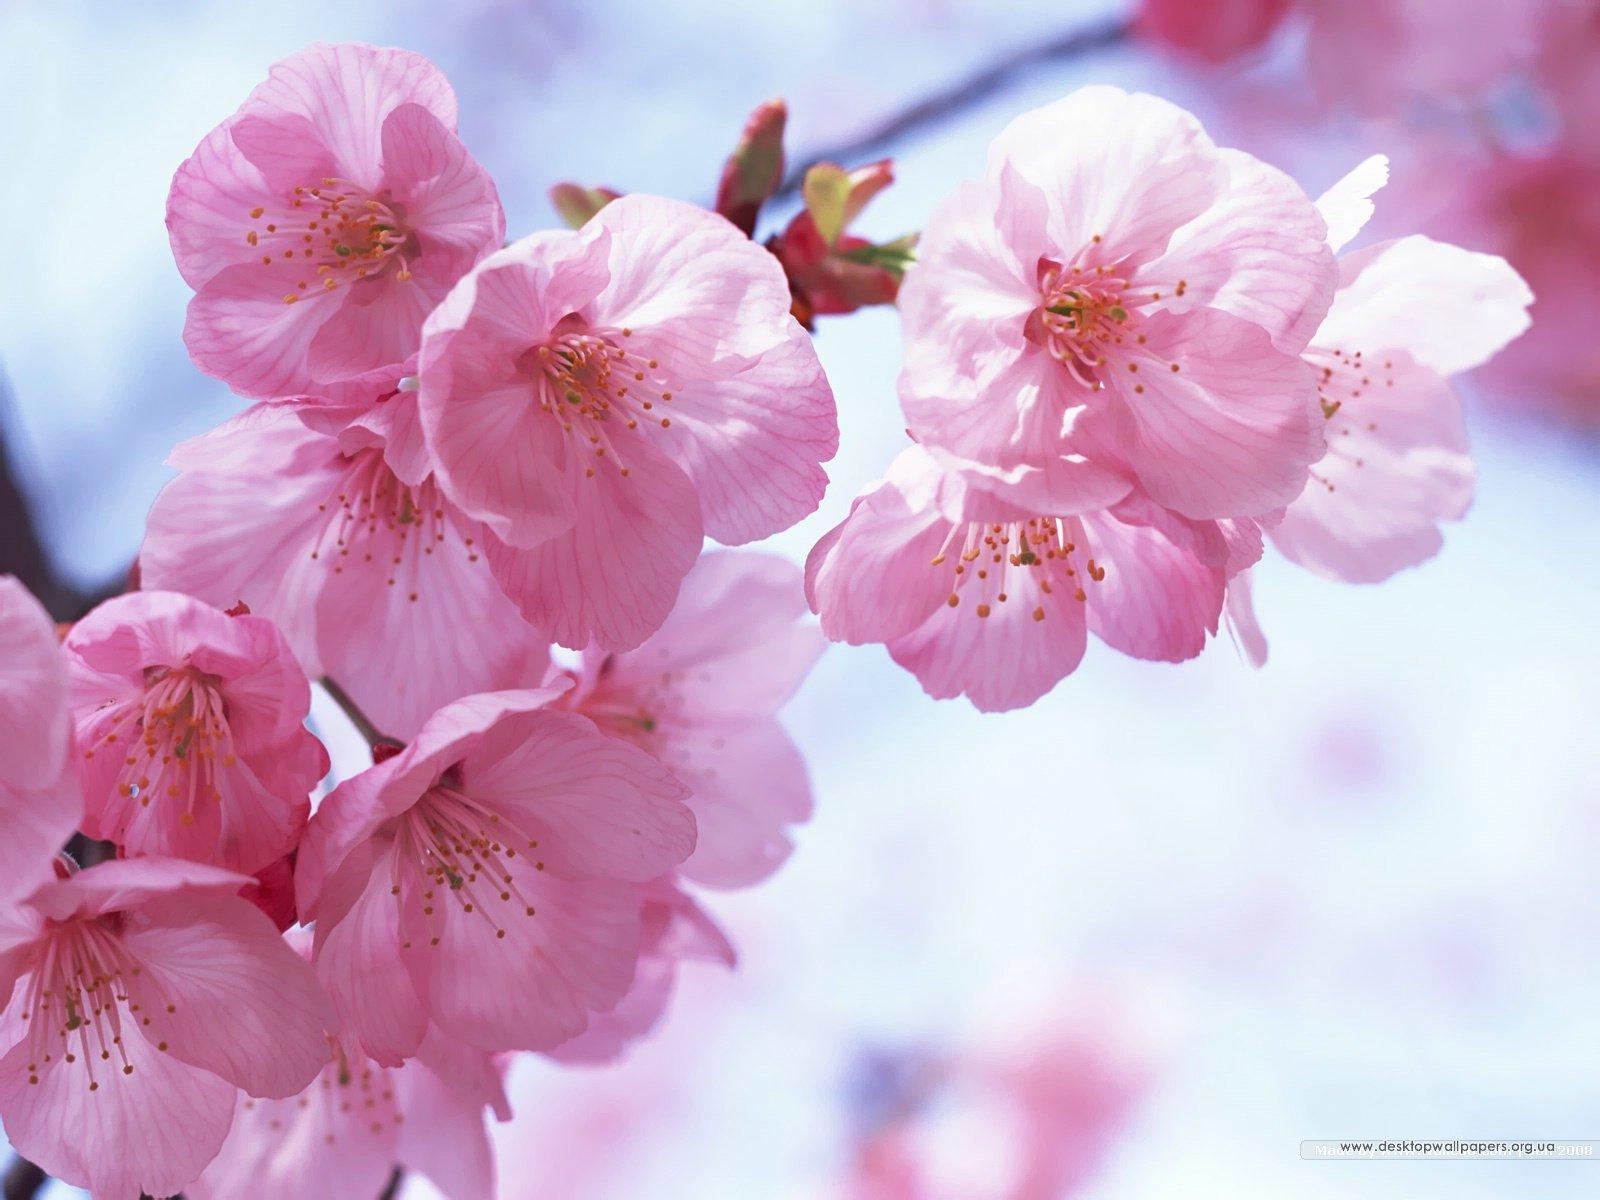 桜の花言葉は優れた美人、純潔、精神美、淡泊